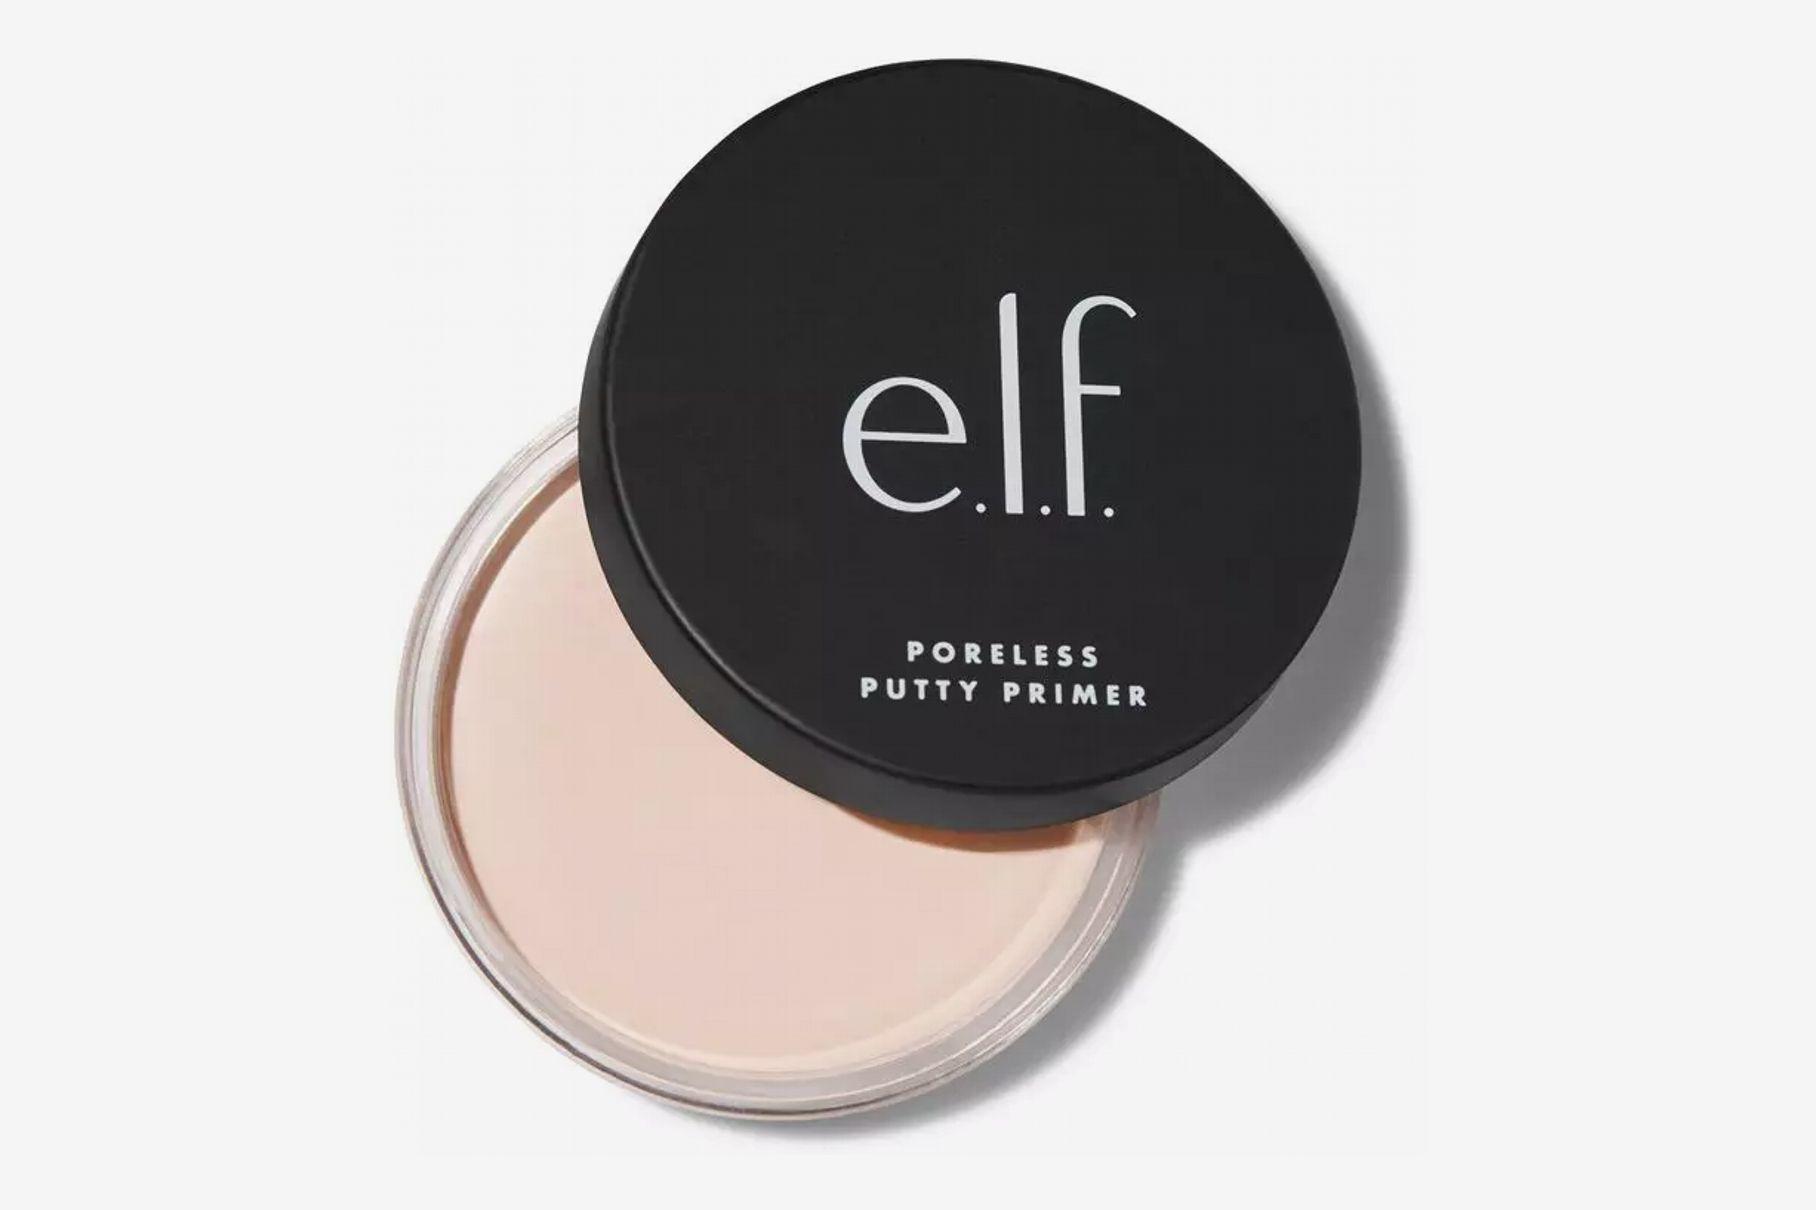 e.l.f. Cosmetics Poreless Putty Primer